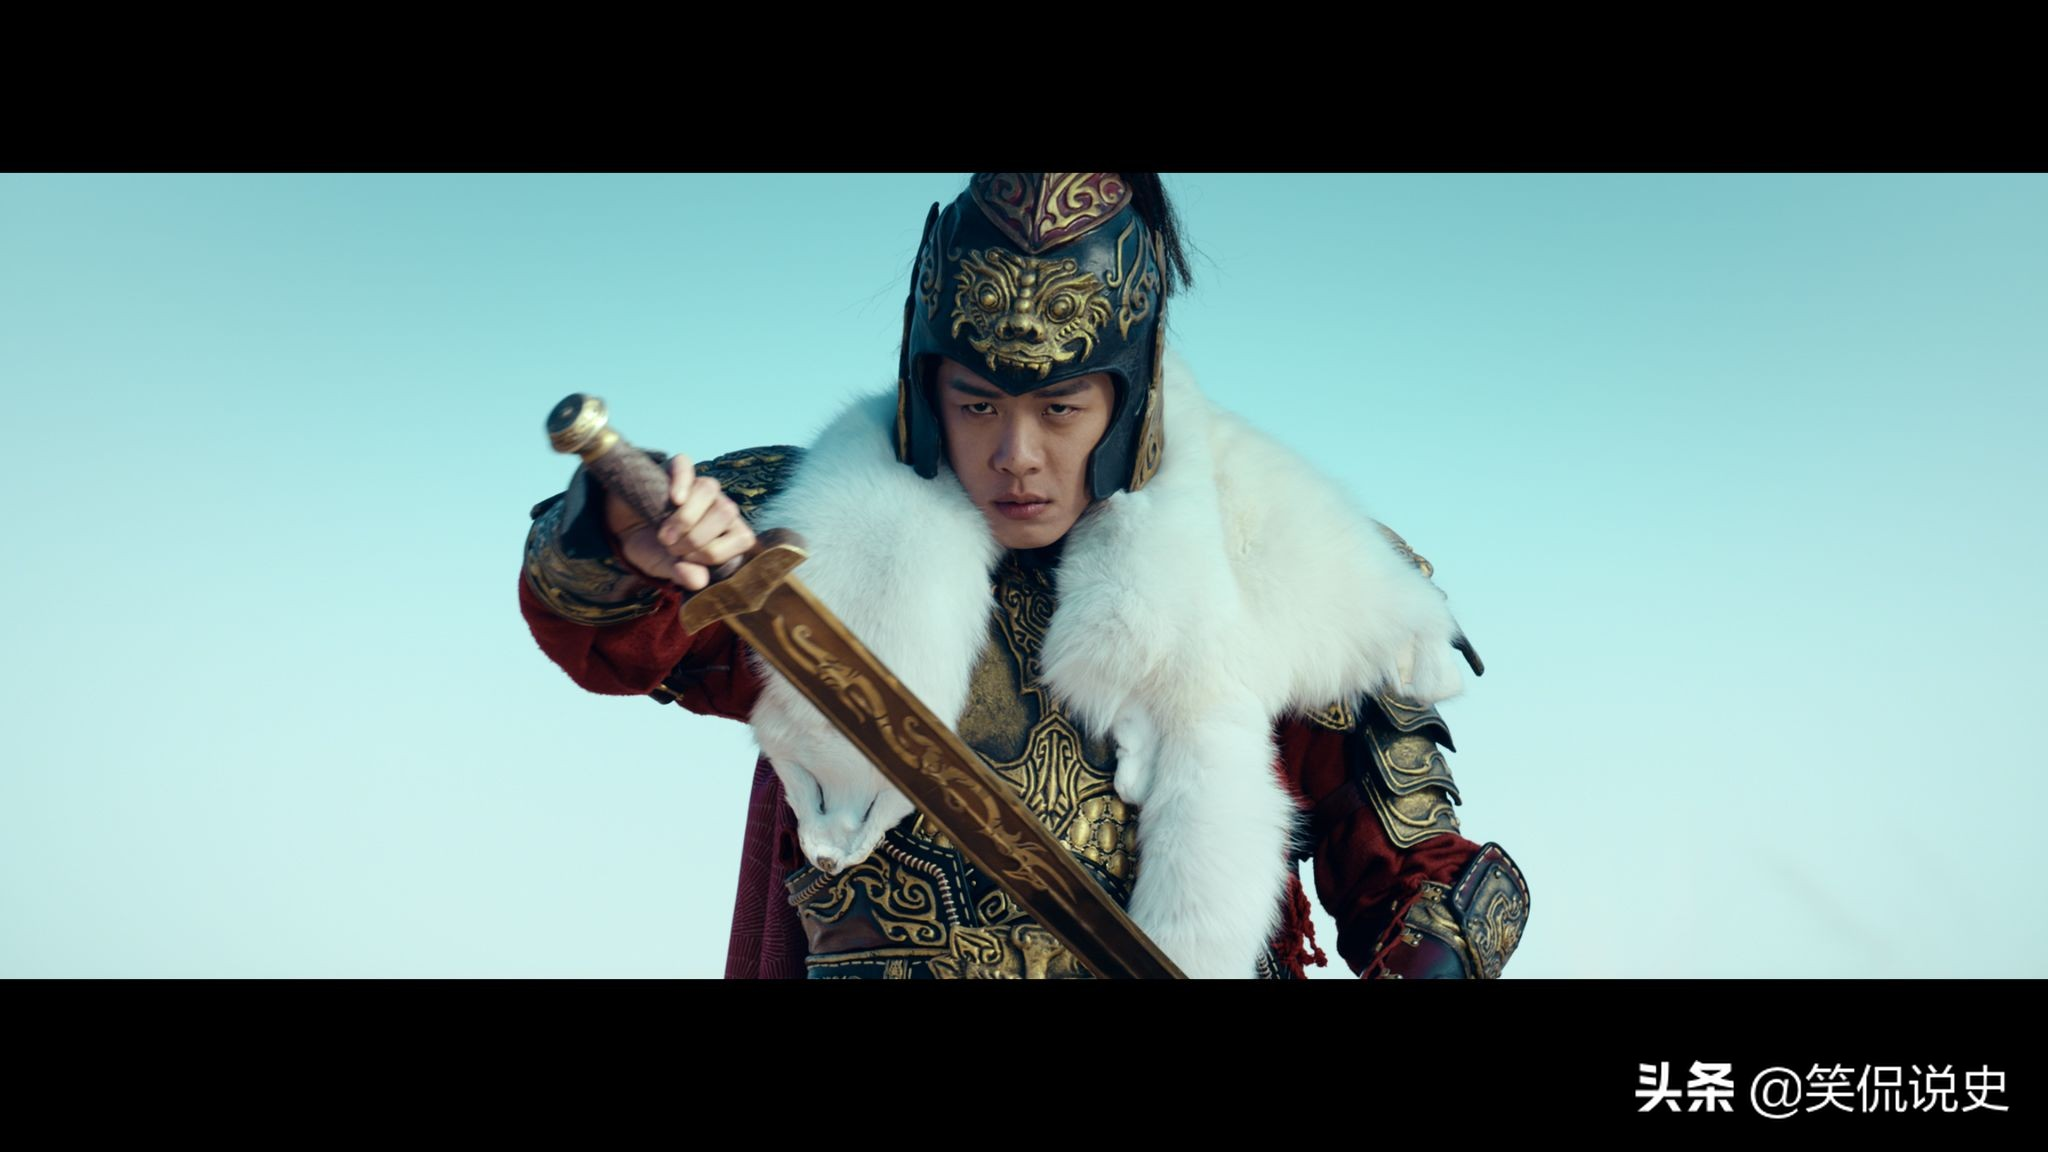 中国历史上最年轻的战神,17岁便让敌人胆寒,却在24岁离奇早逝